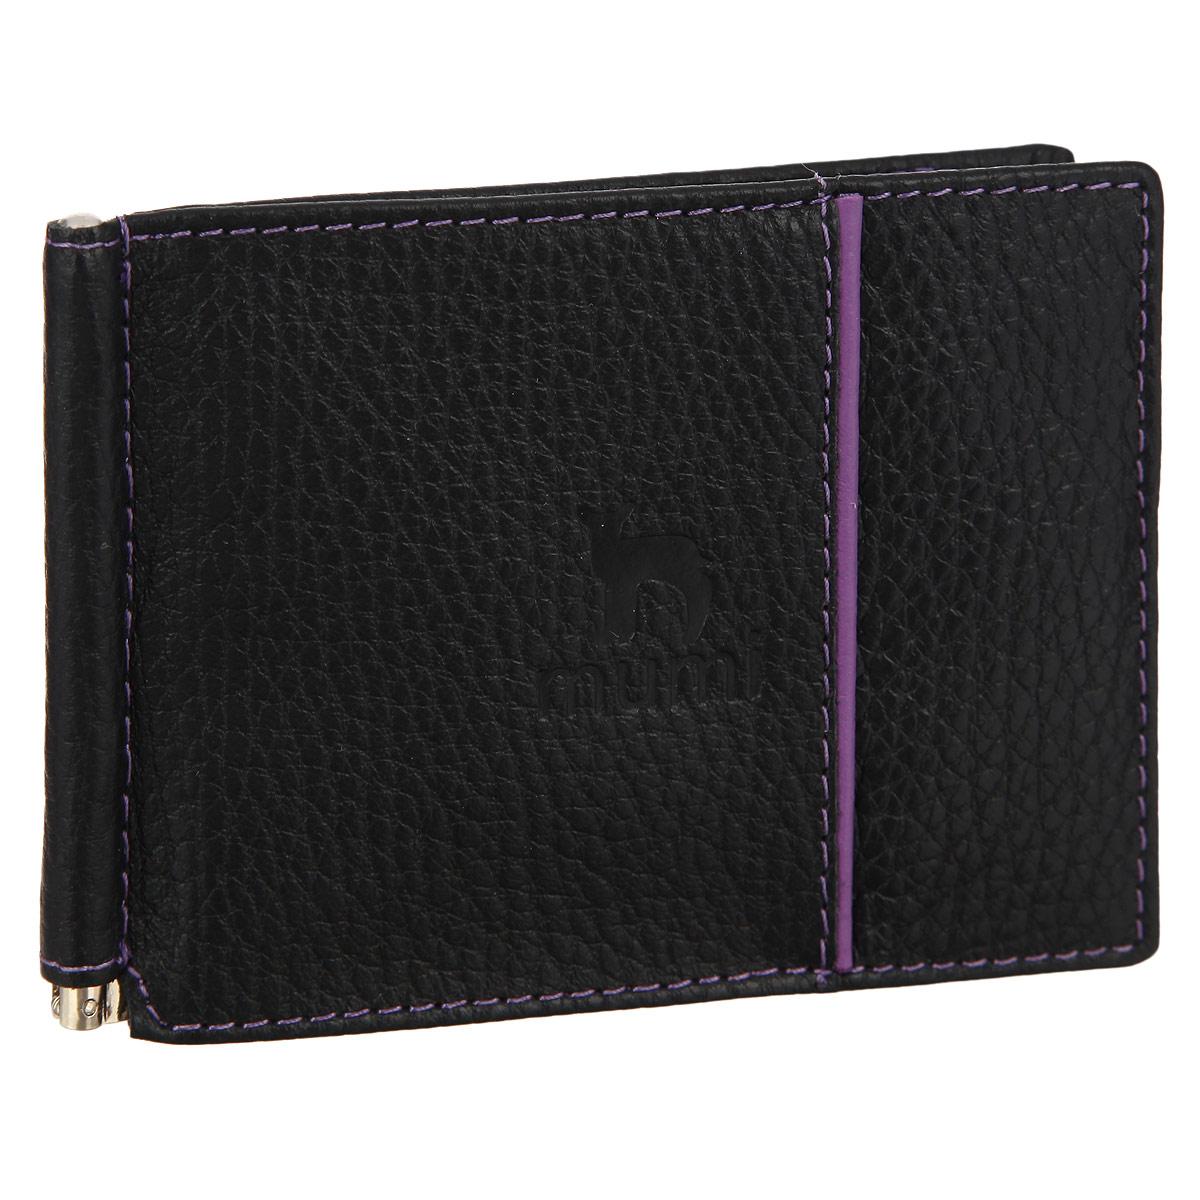 """Зажим для денег женский Dimanche """"Mumi"""", цвет: черный, пурпурный, салатовый. 055"""